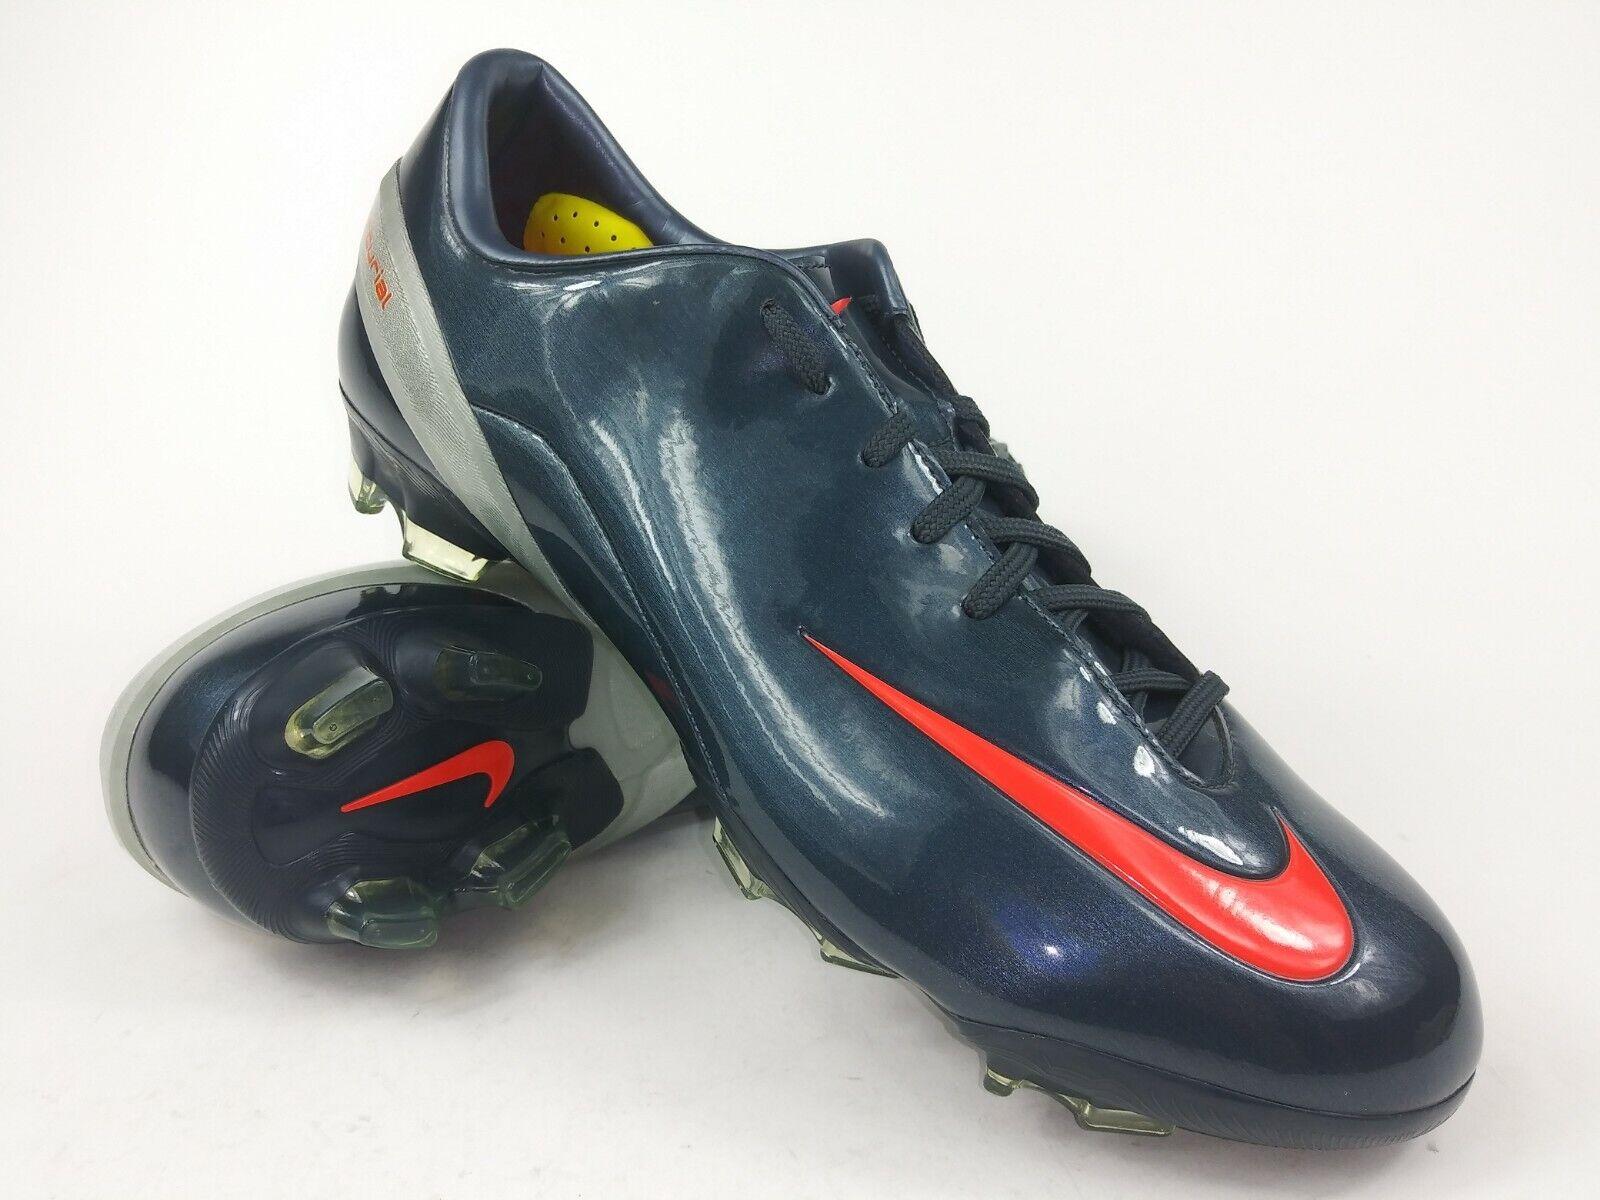 Nike Hombre Rareza Talaria IV Fg Plata Azul Marino 317766-081 Fútbol Tacos botas